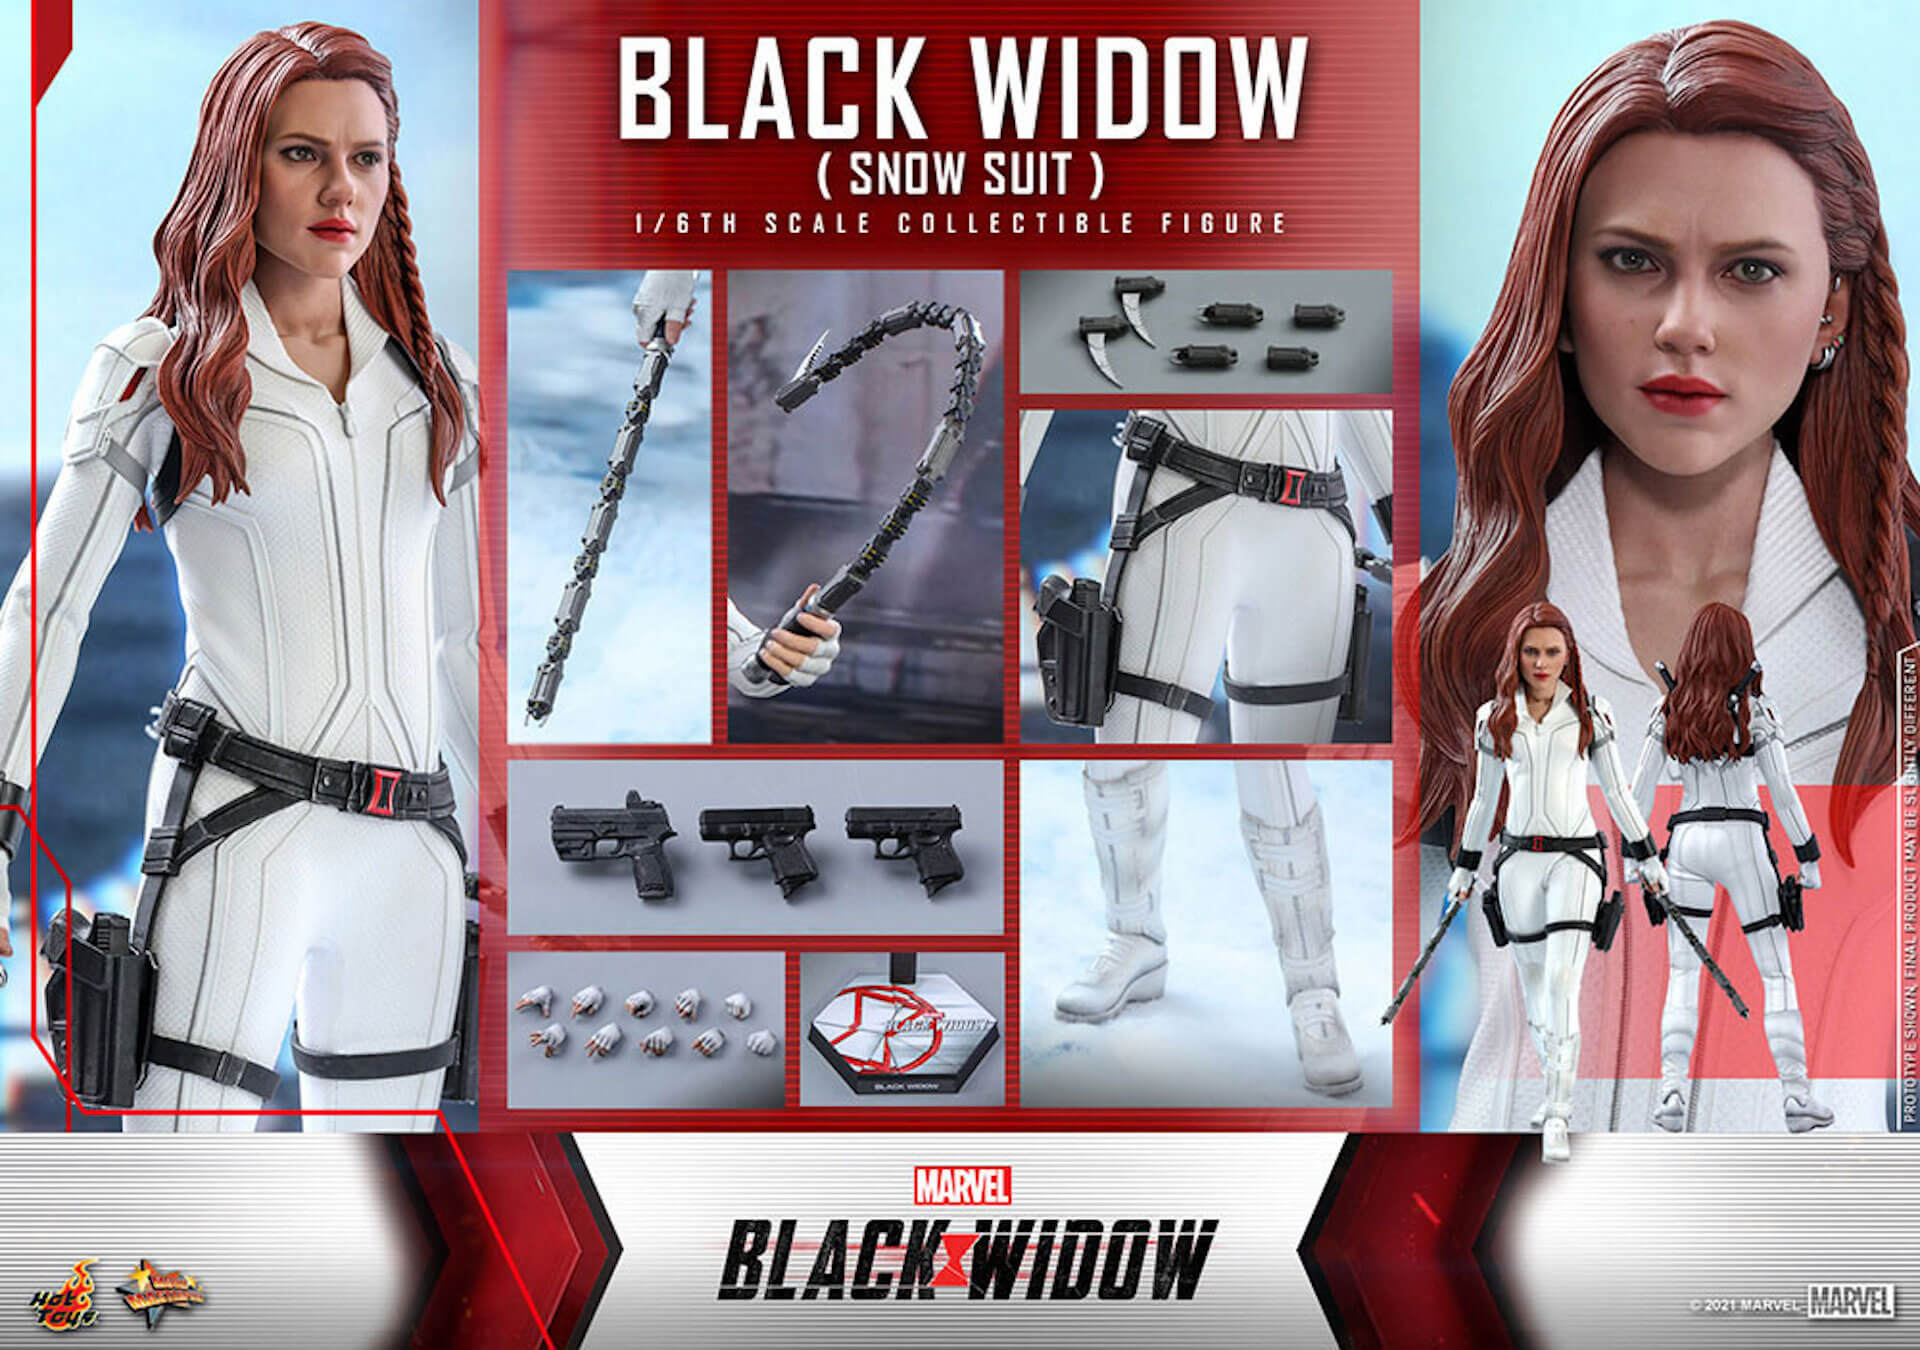 マーベル・スタジオ『ブラック・ウィドウ』のブラック・ウィドウ&タスクマスターがホットトイズの1/6スケールフィギュアになって登場! art210618_hottoys_blackwidow_10